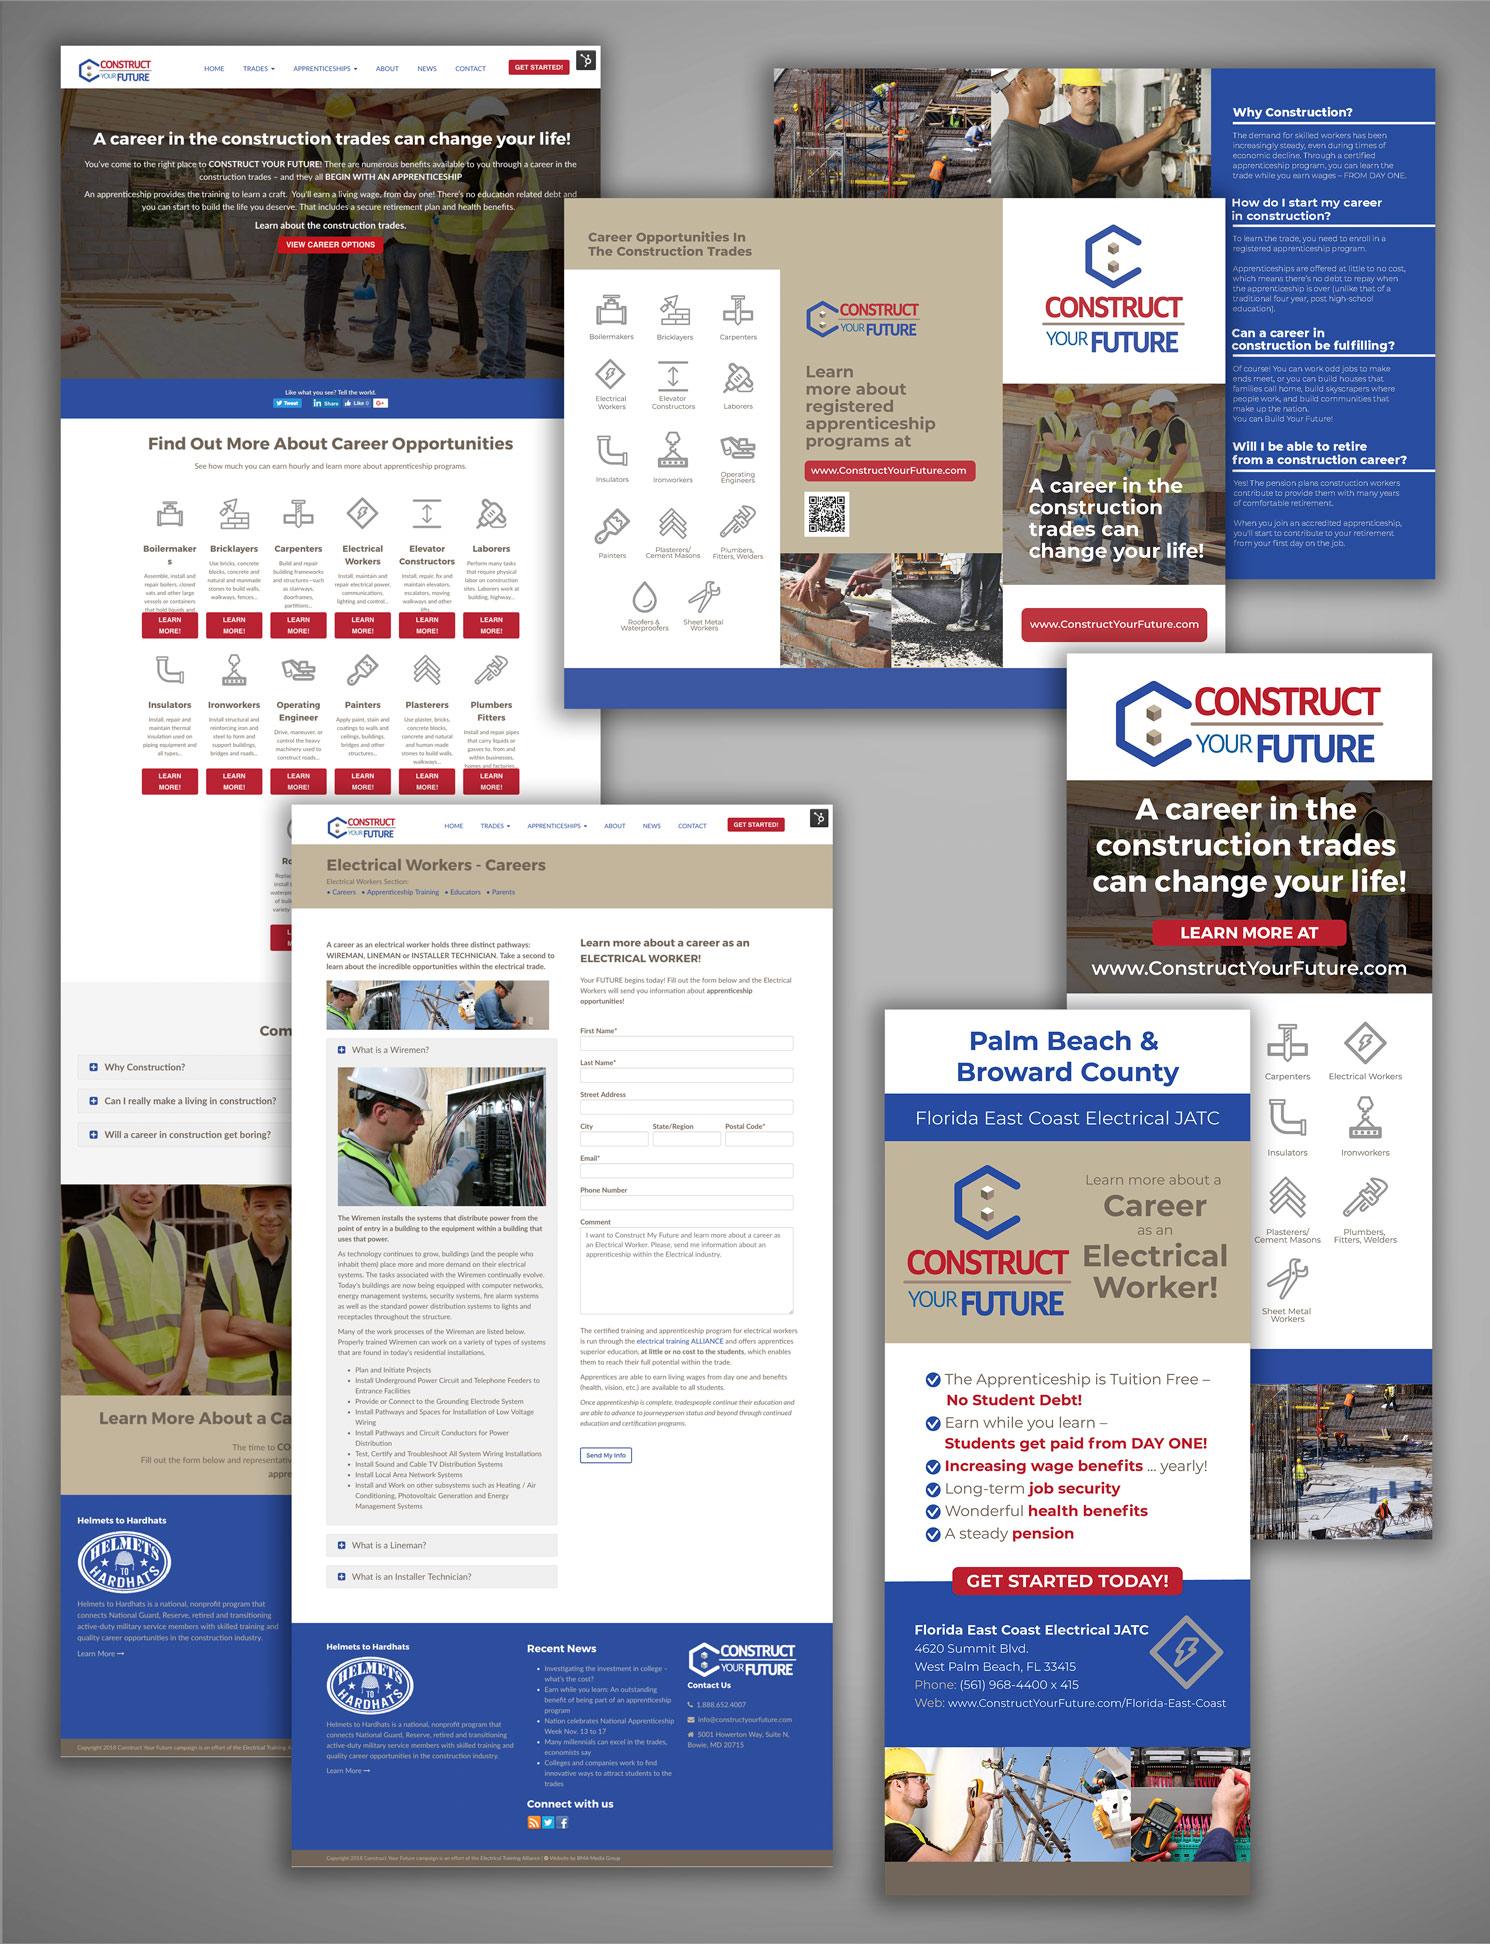 construct your future union apprentice recruitment campaign